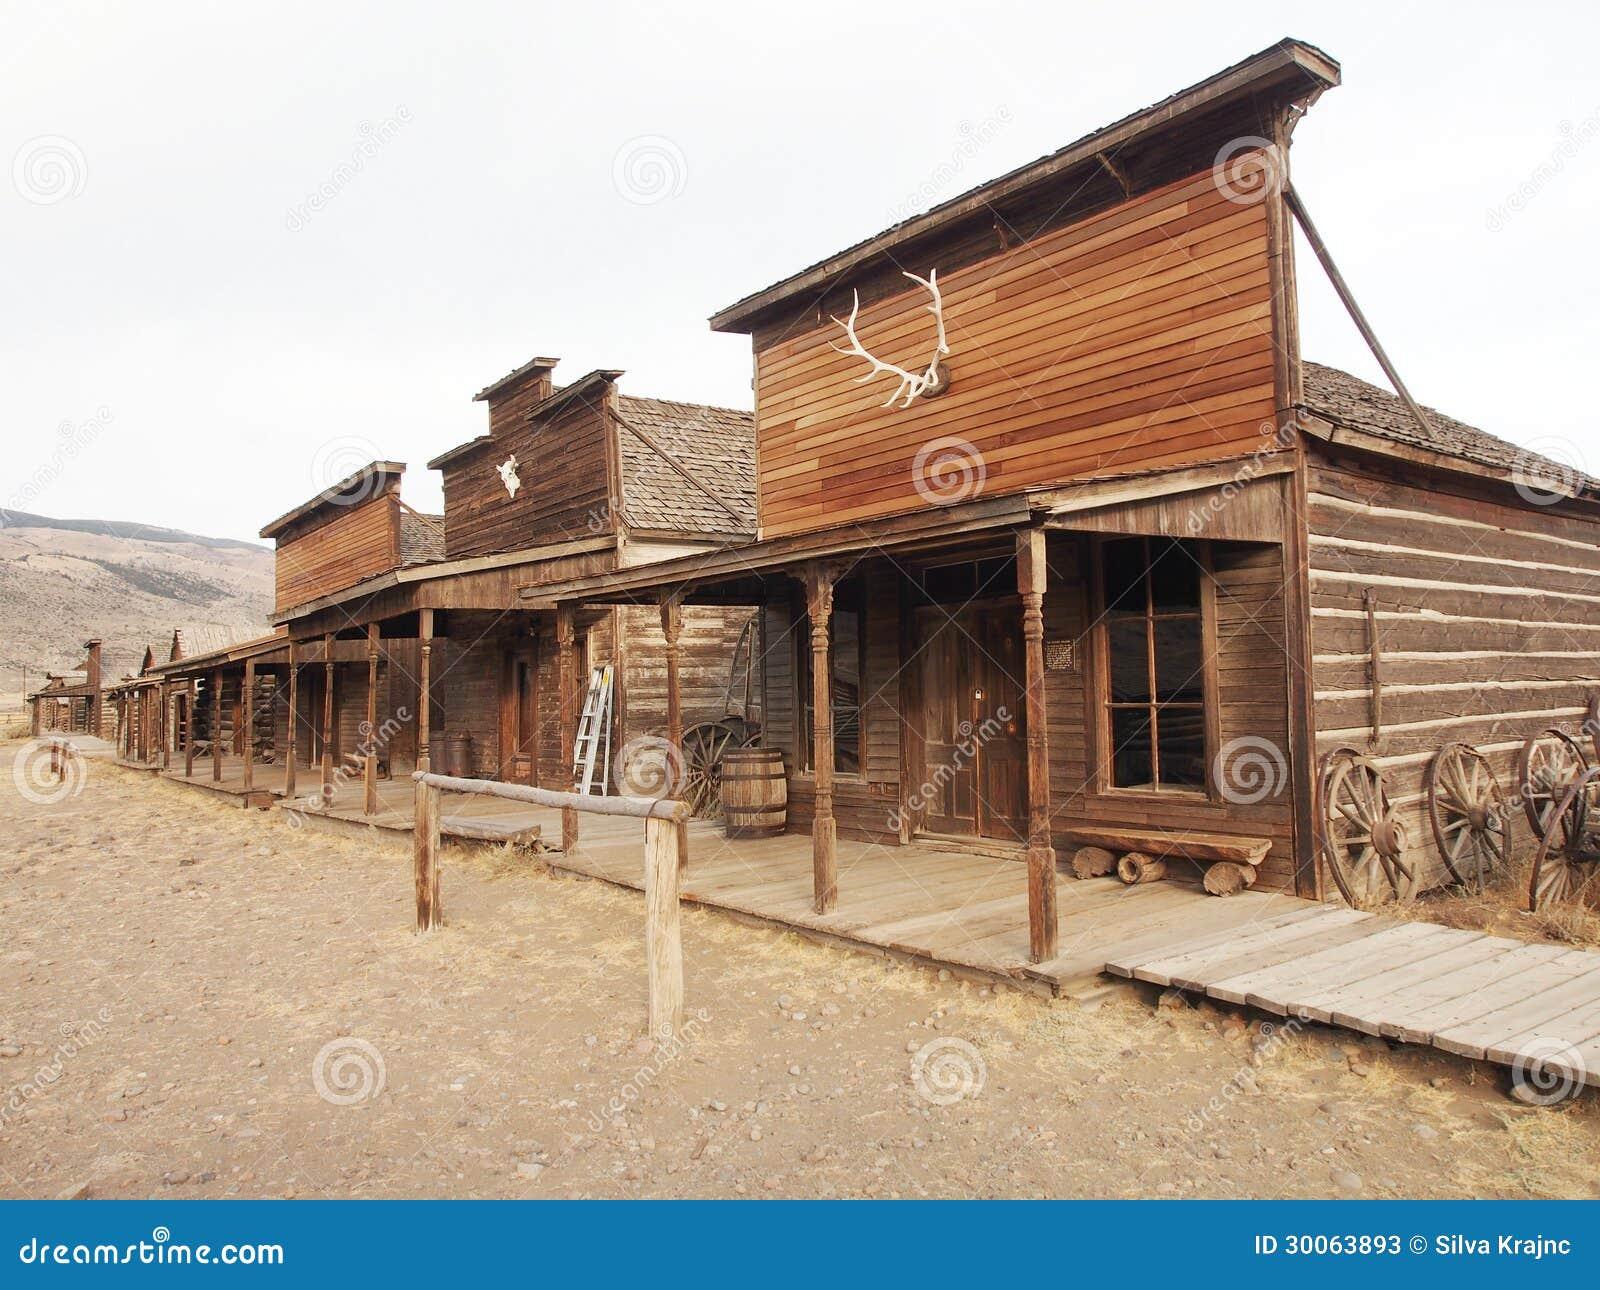 Vieux Chariots Dans Une Ville Fant Me Cody Wyoming Etats